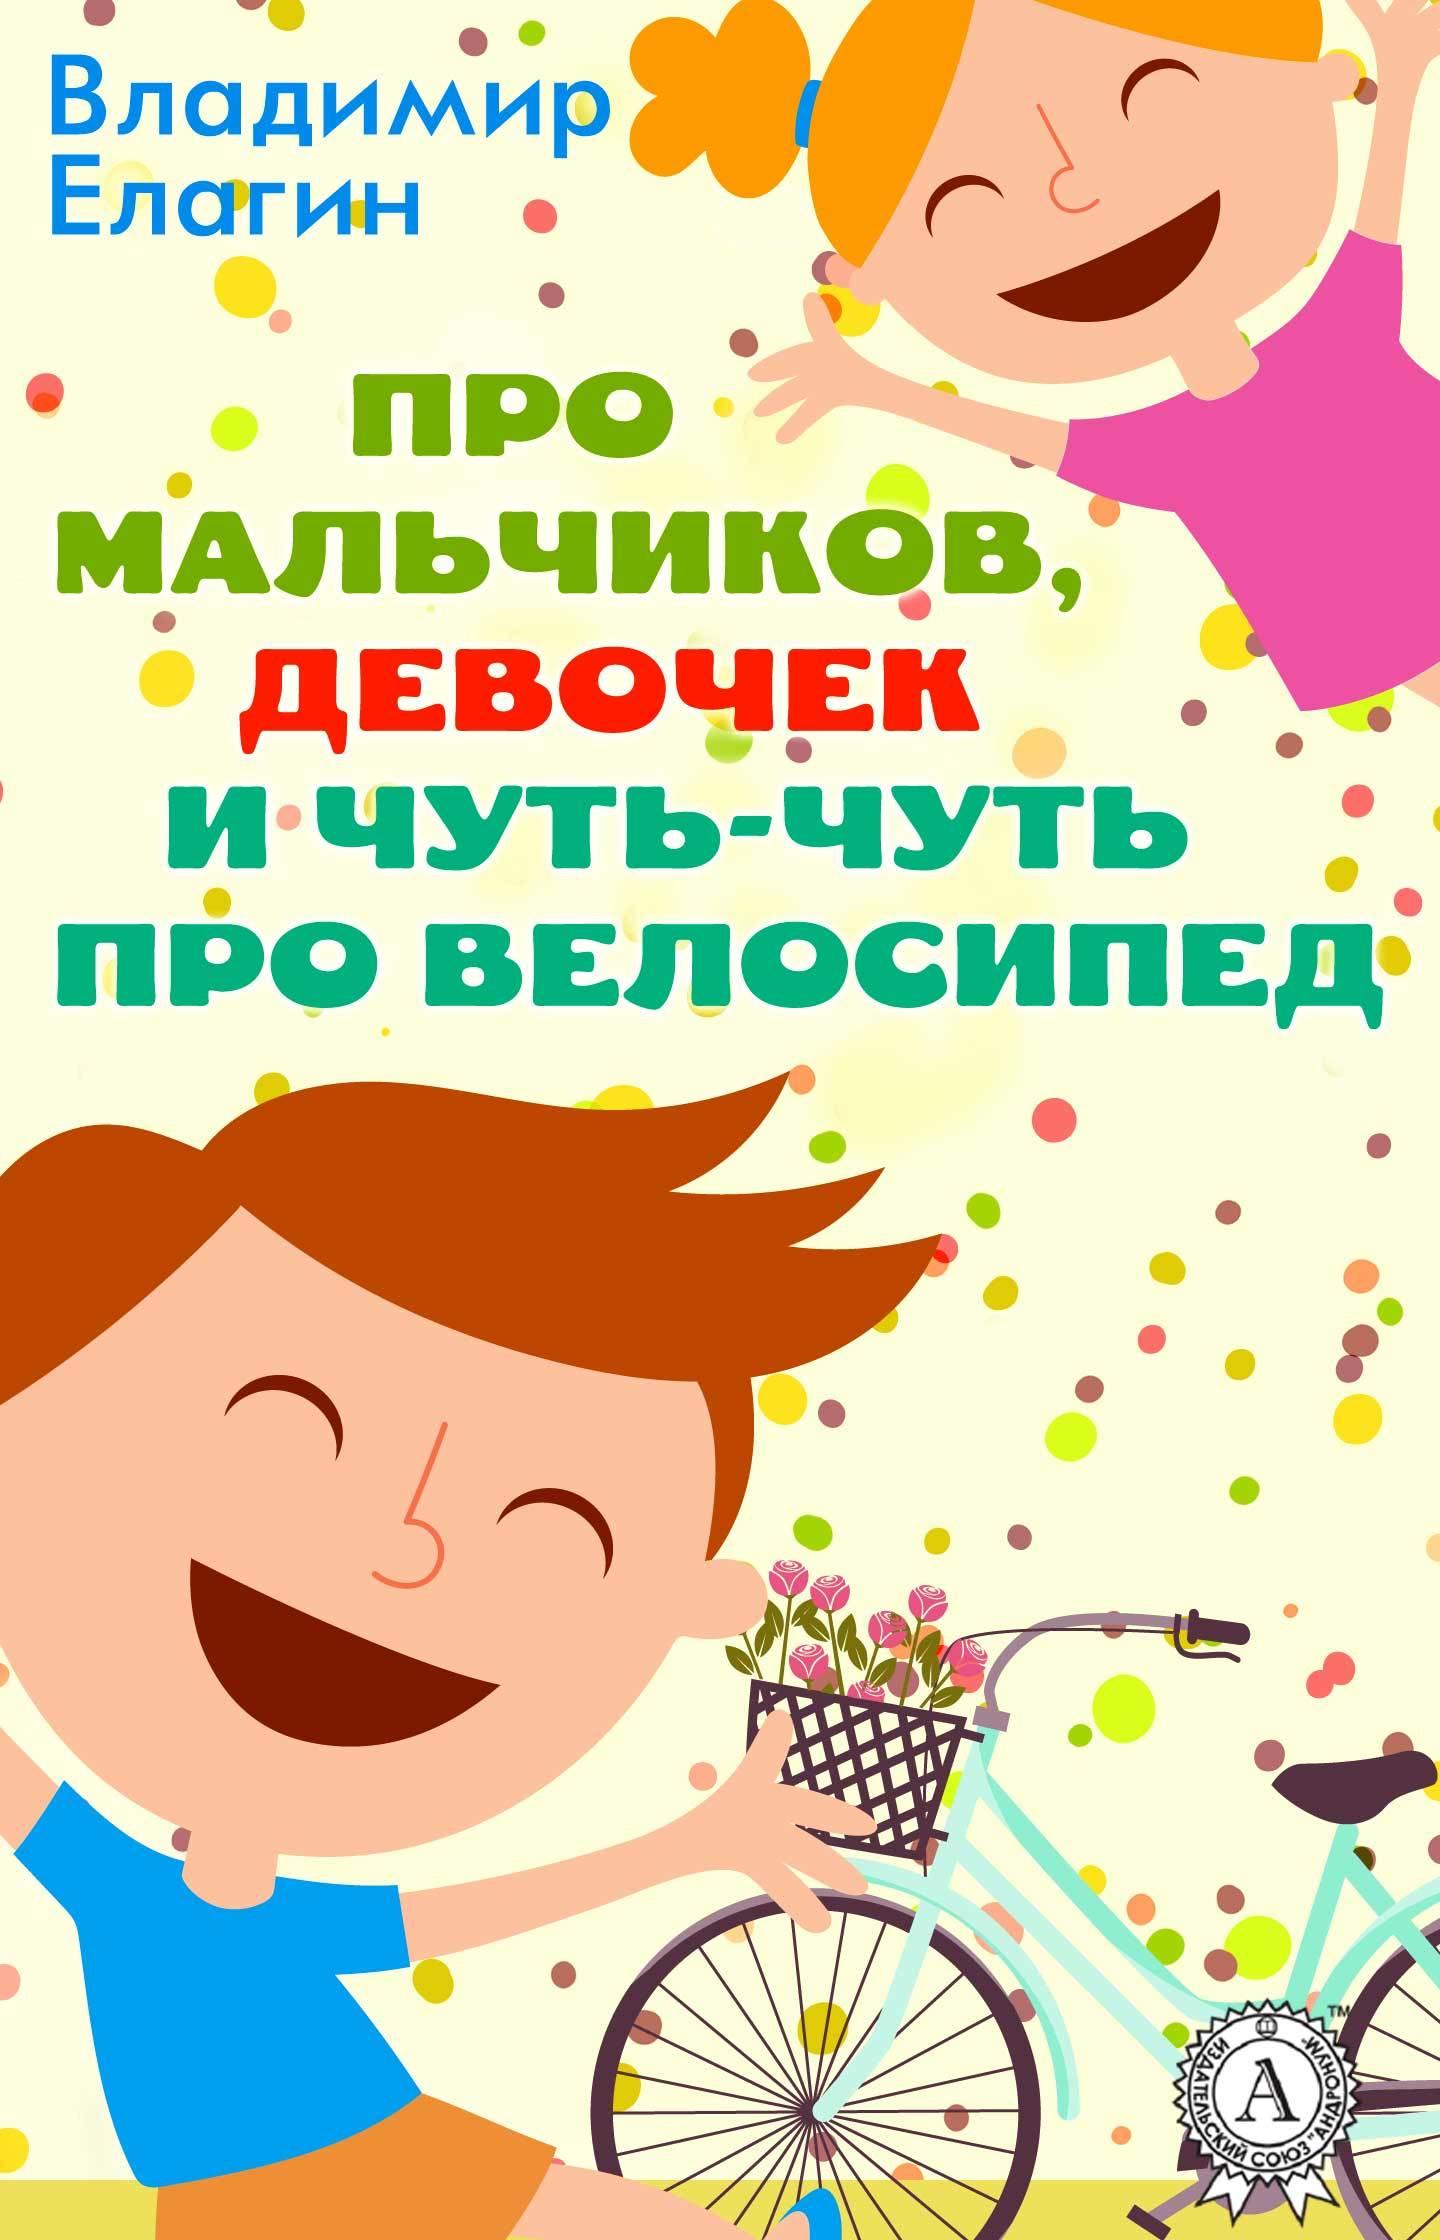 Владимир Елагин Про мальчиков девочек и чуть-чуть про велосипед елагин и тяжелые звезды